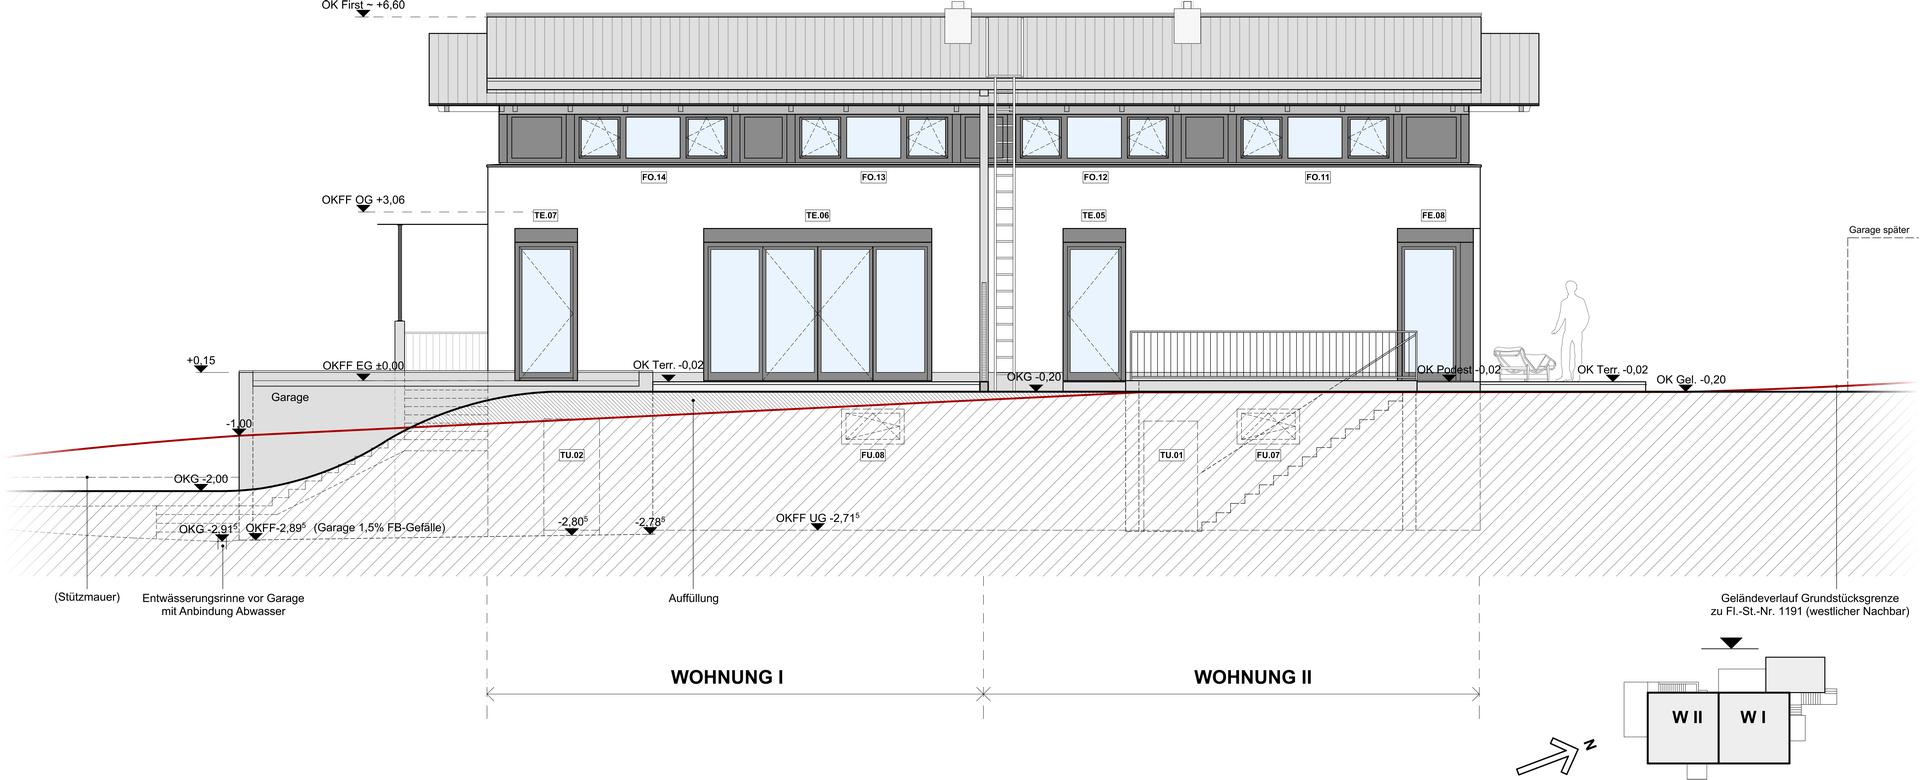 Bauzeichnung Garage baarß löschner freie architekten doppelwohnhaus dr u radebeul